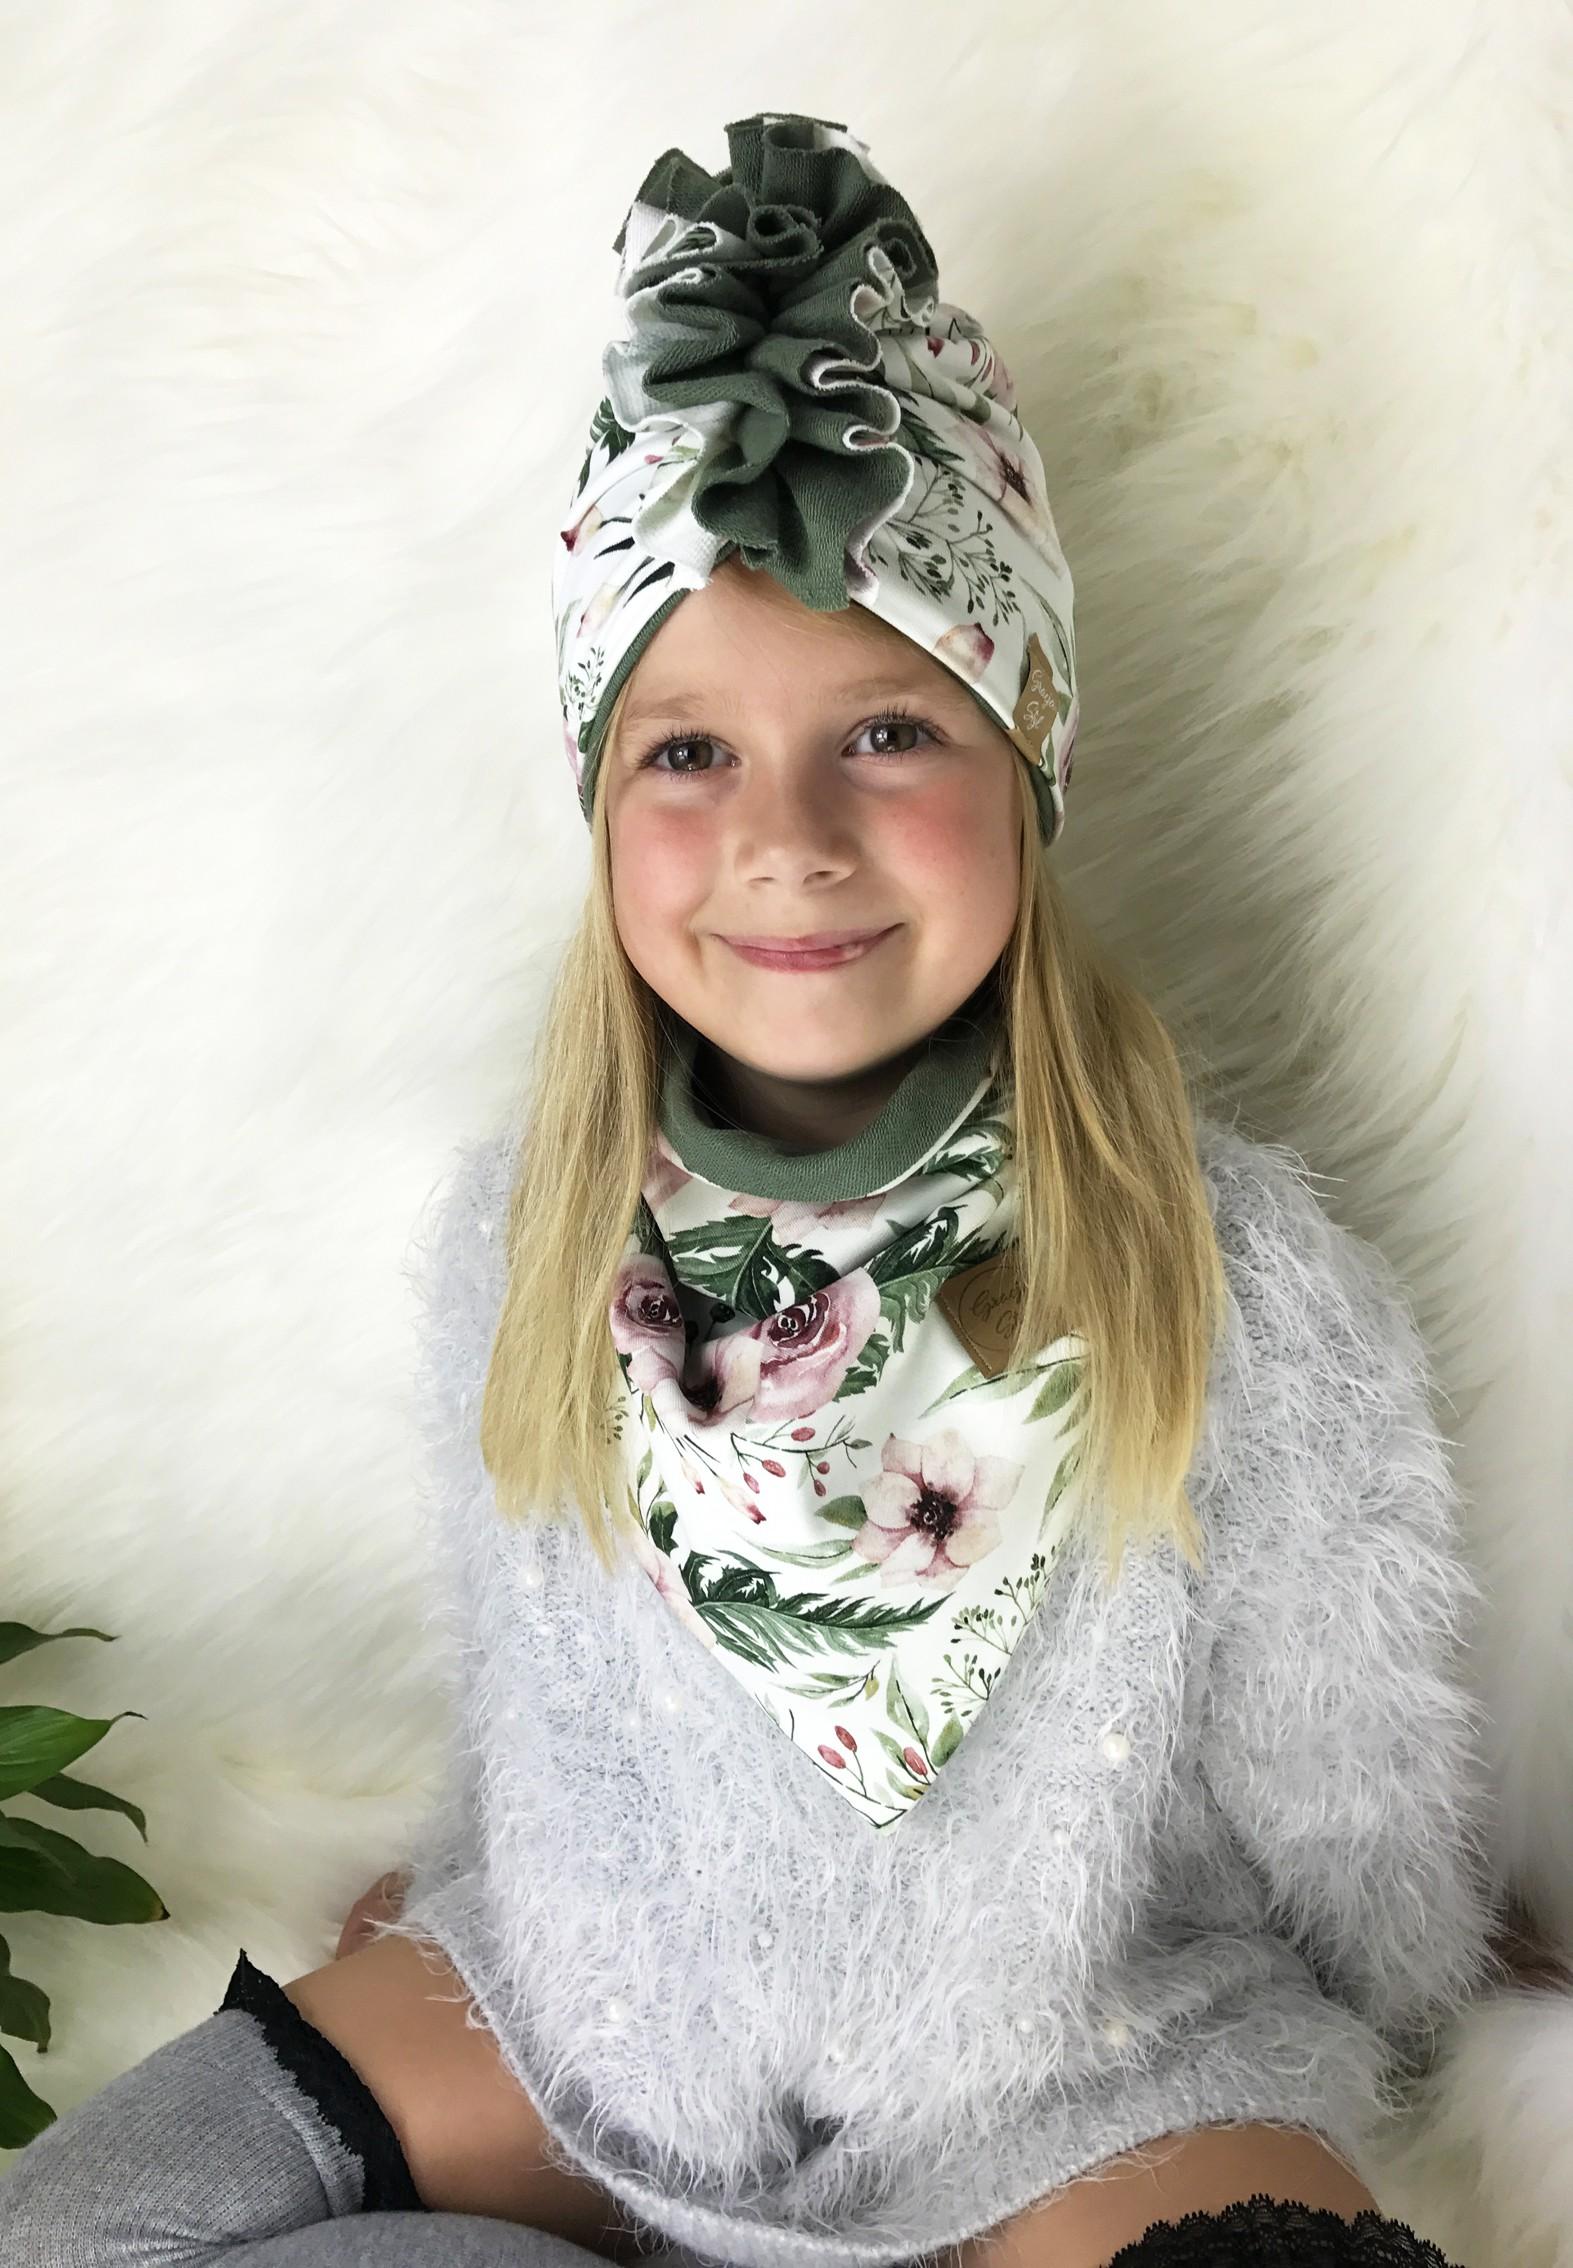 Zestaw Turban + Chusta dla dzieci duo kolor garden+ khaki